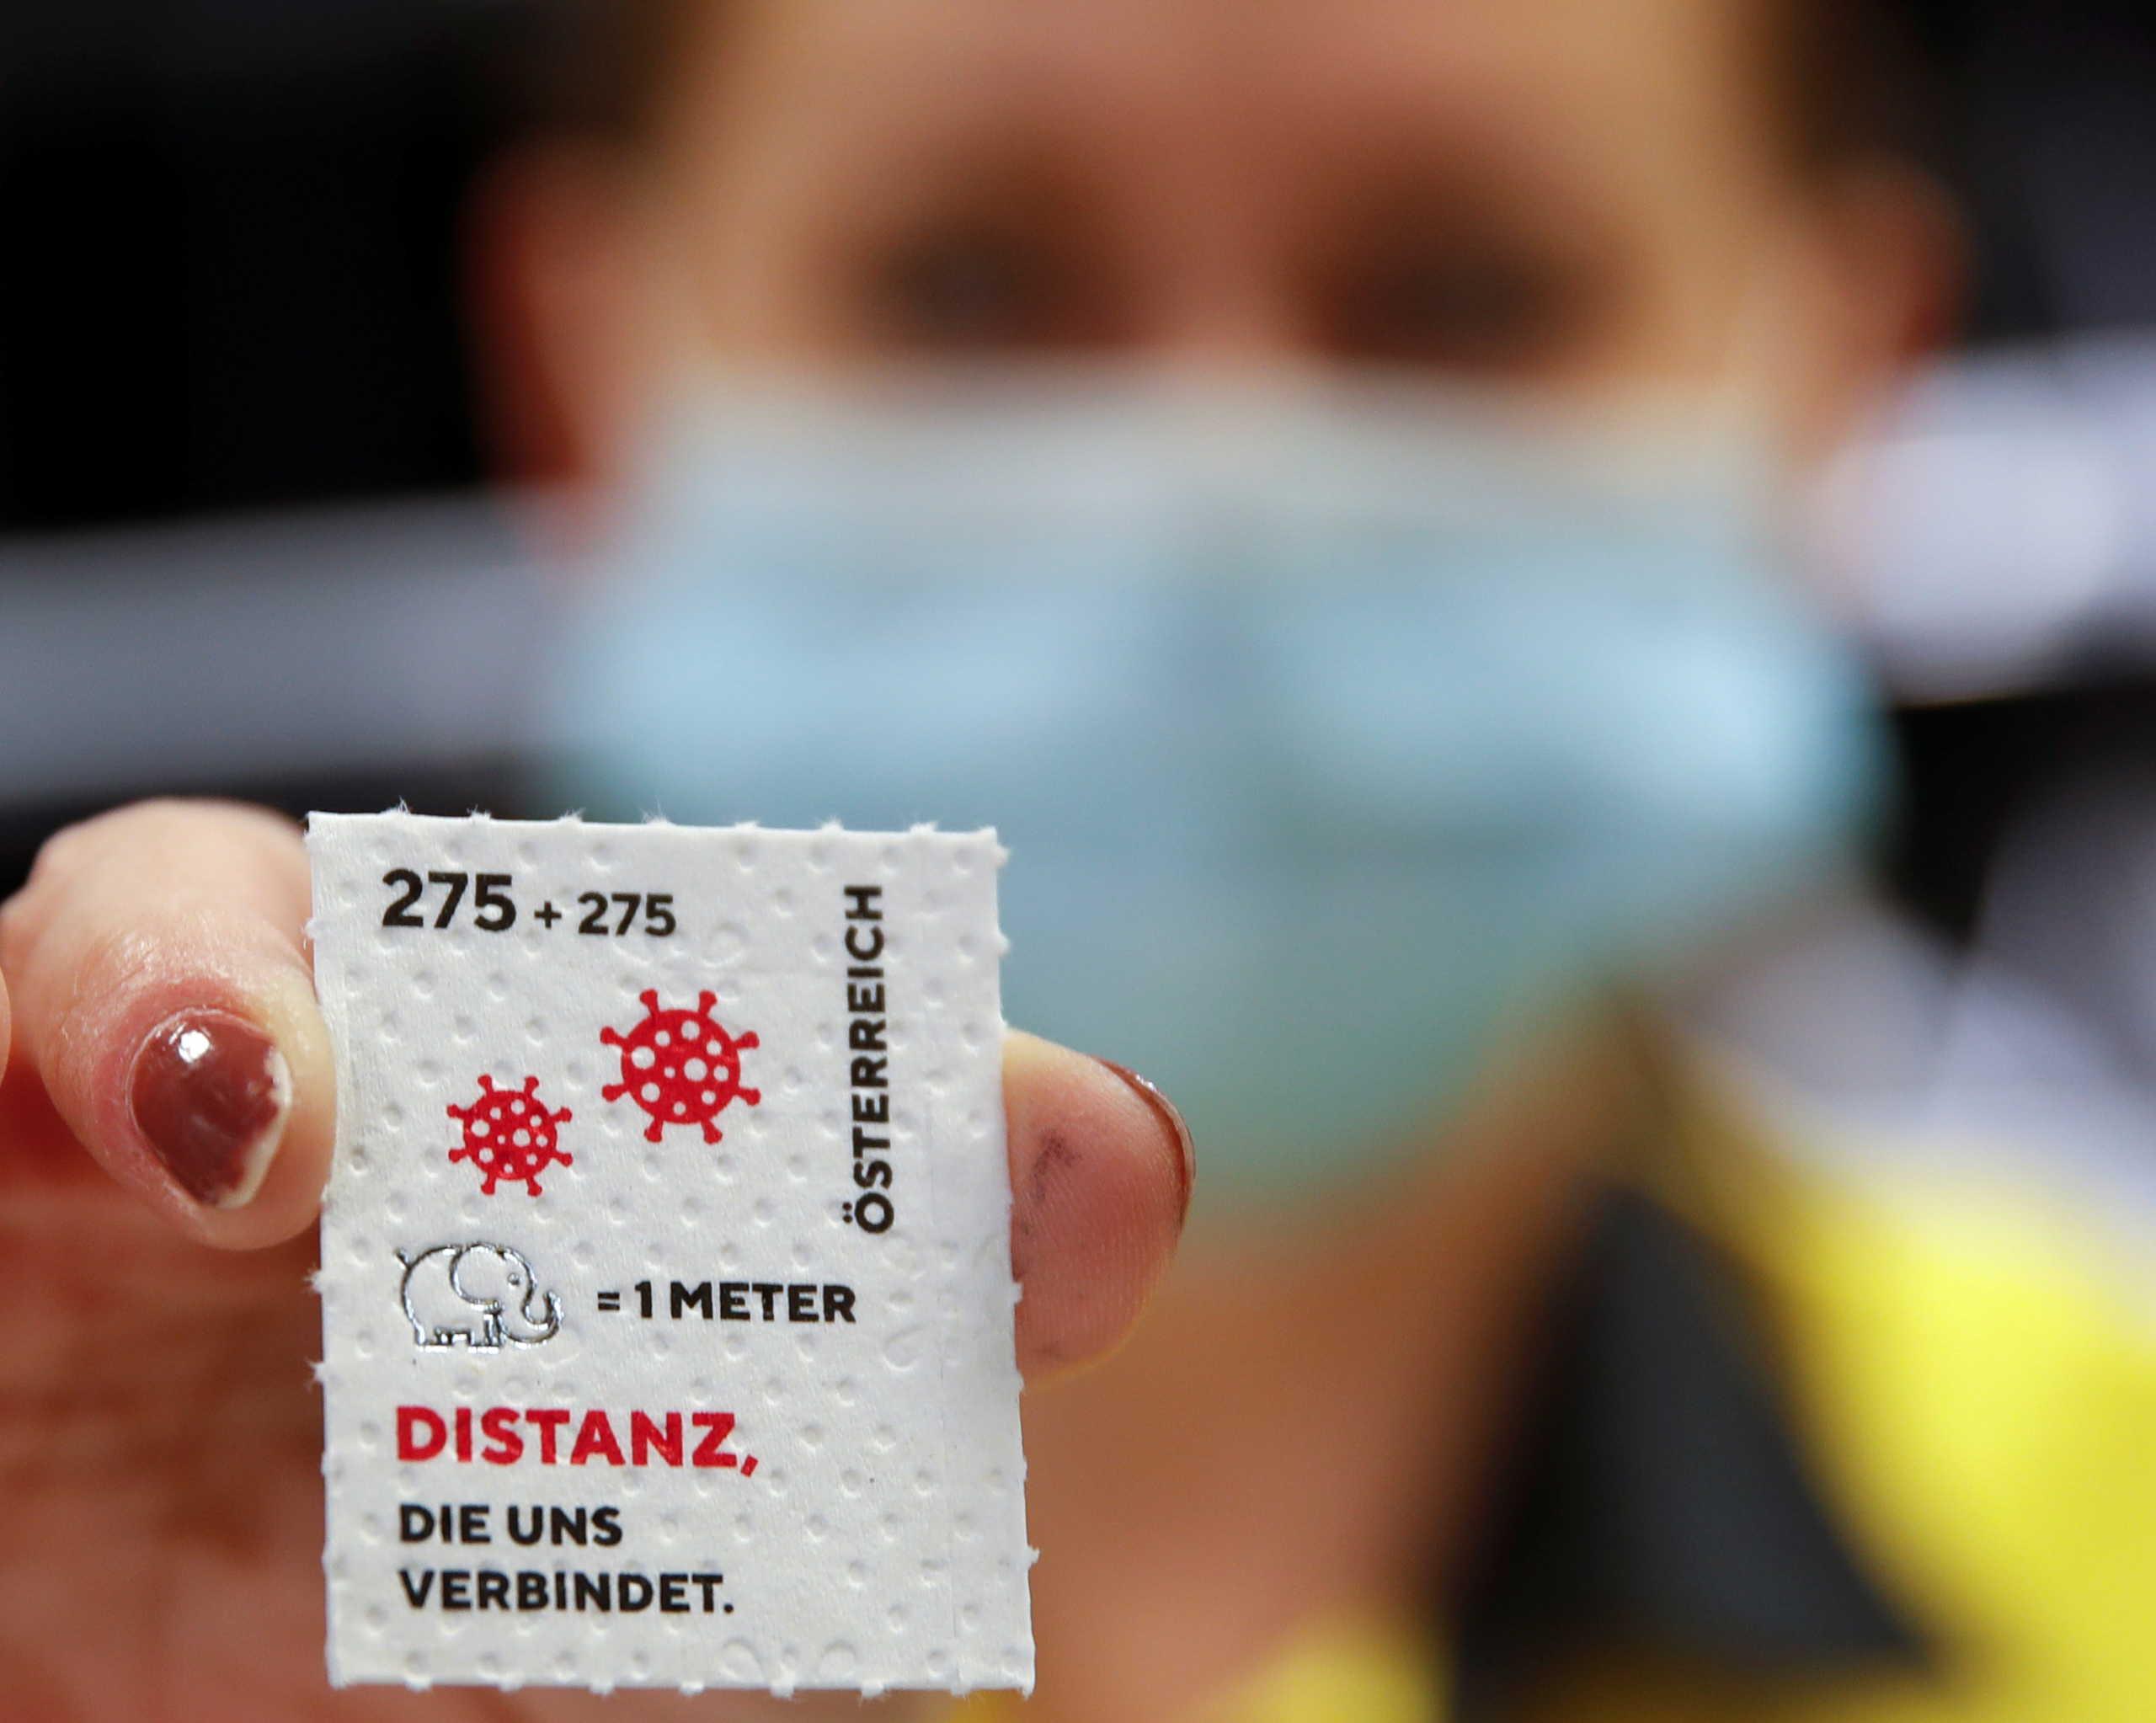 Αυστρία – Κορονοϊός: Τα ταχυδρομεία εξέδωσαν κορονόσημο τυπωμένο σε… χαρτί υγείας (pics)